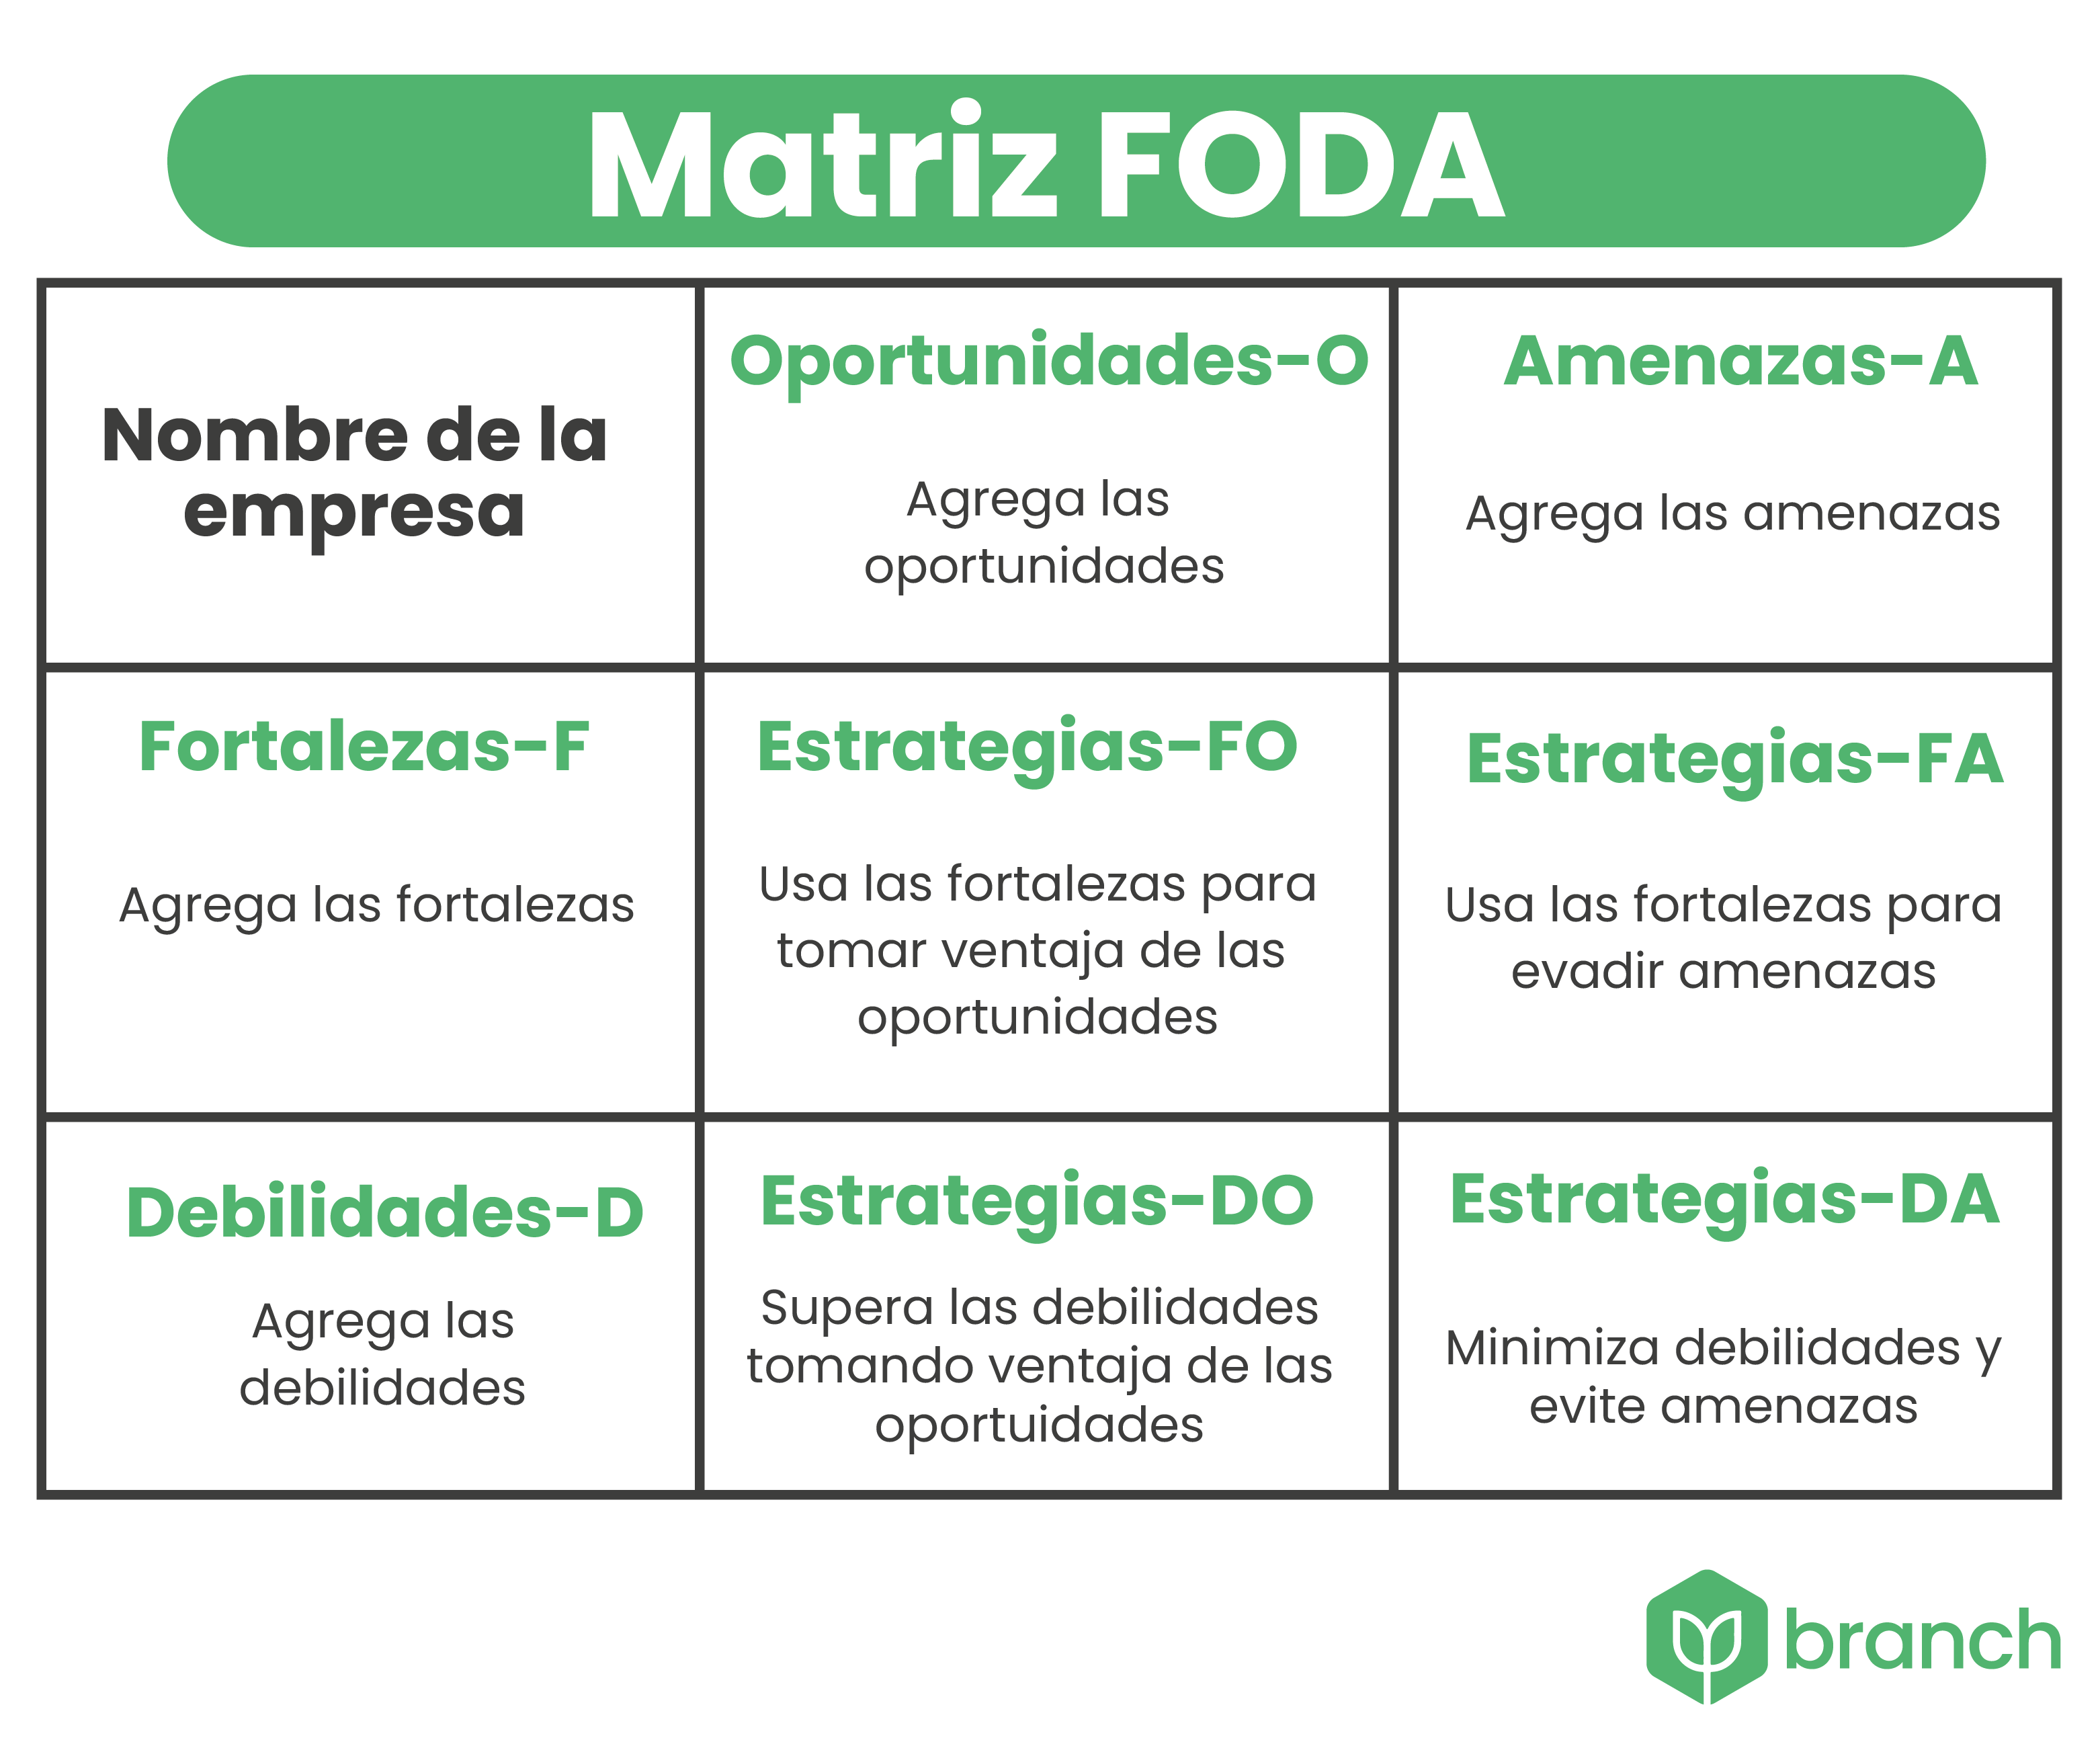 analisis-foda-herramienta-planificacion-estrategica.